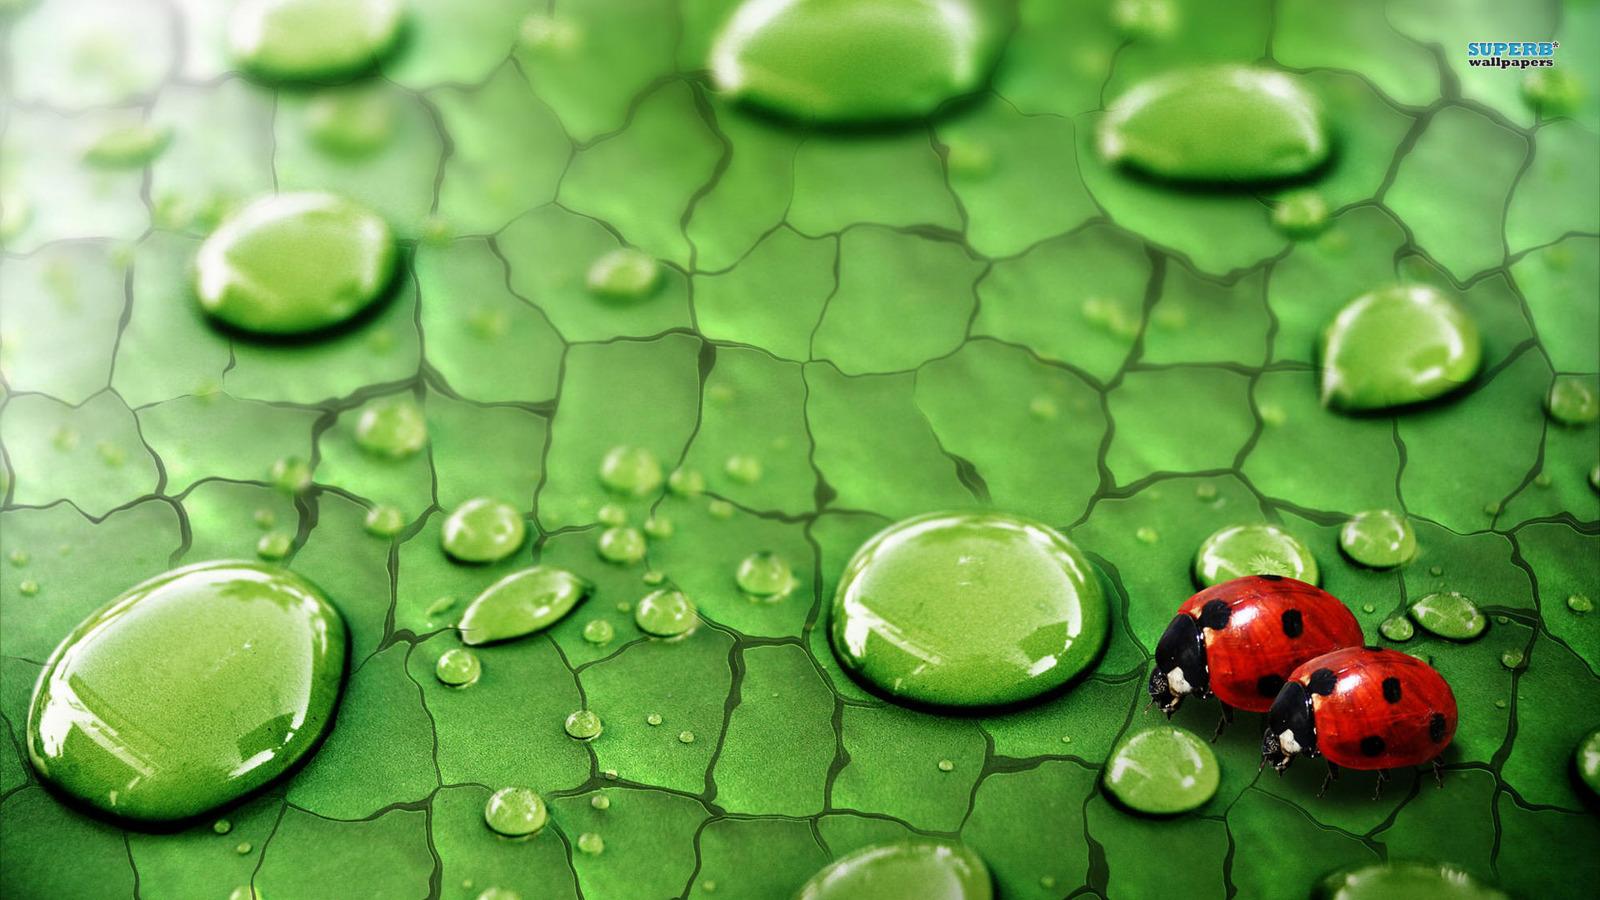 动物 图片 ladybirds hd 壁纸 and background 照片图片